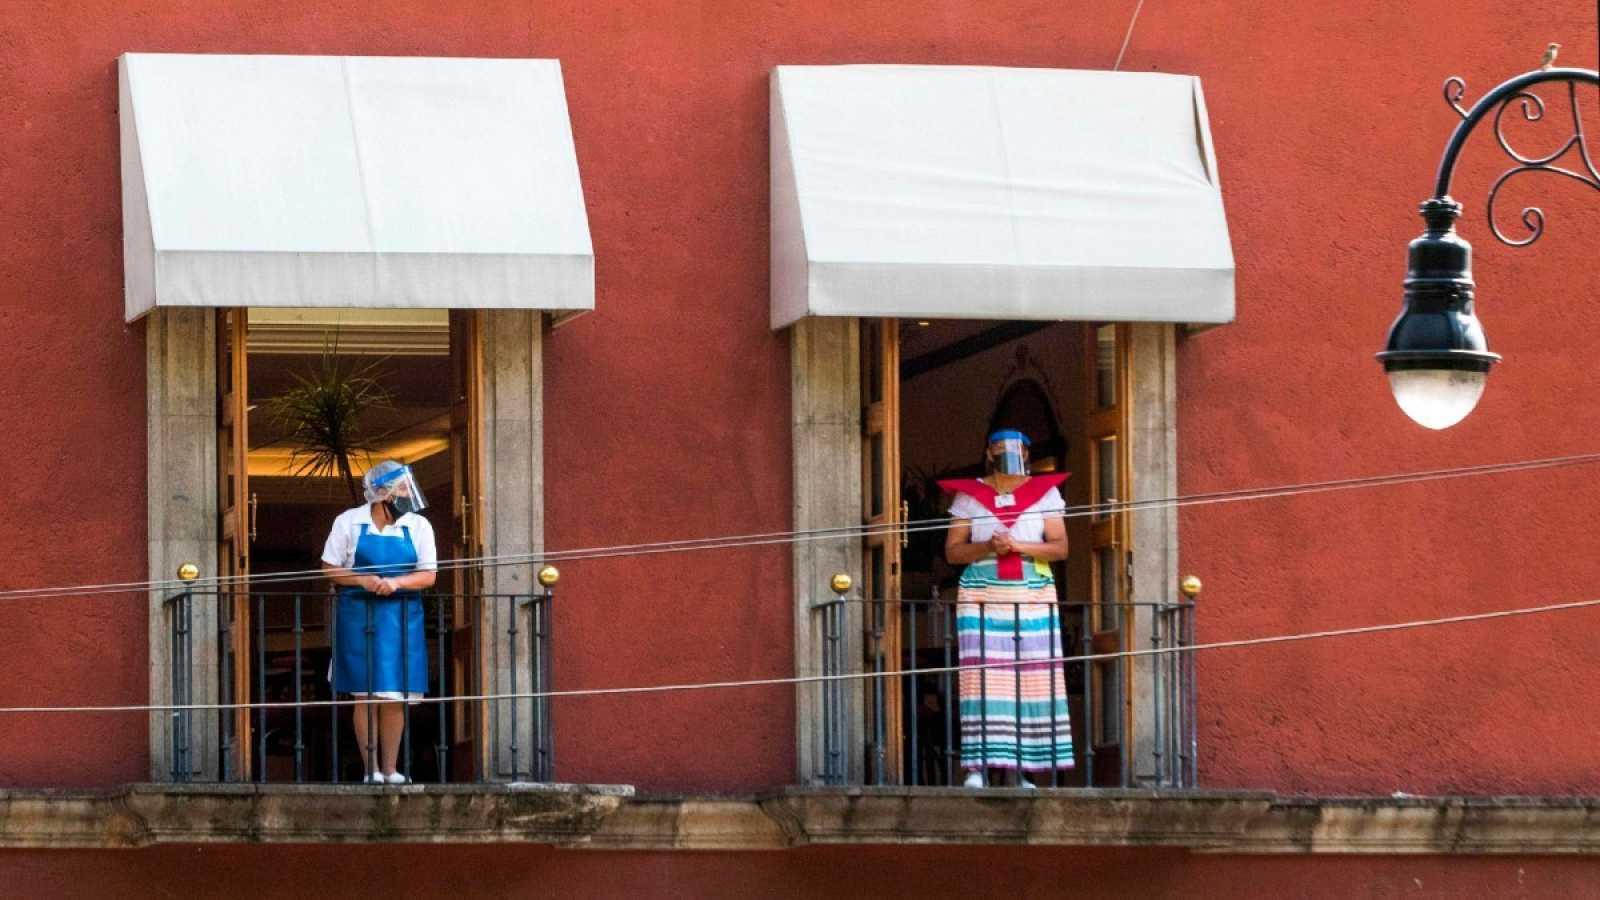 Dos trabajadoras en el balcón de un restaurante en Ciudad de México, el 1 de julio de 2020, durante la pandemia de COVID-19